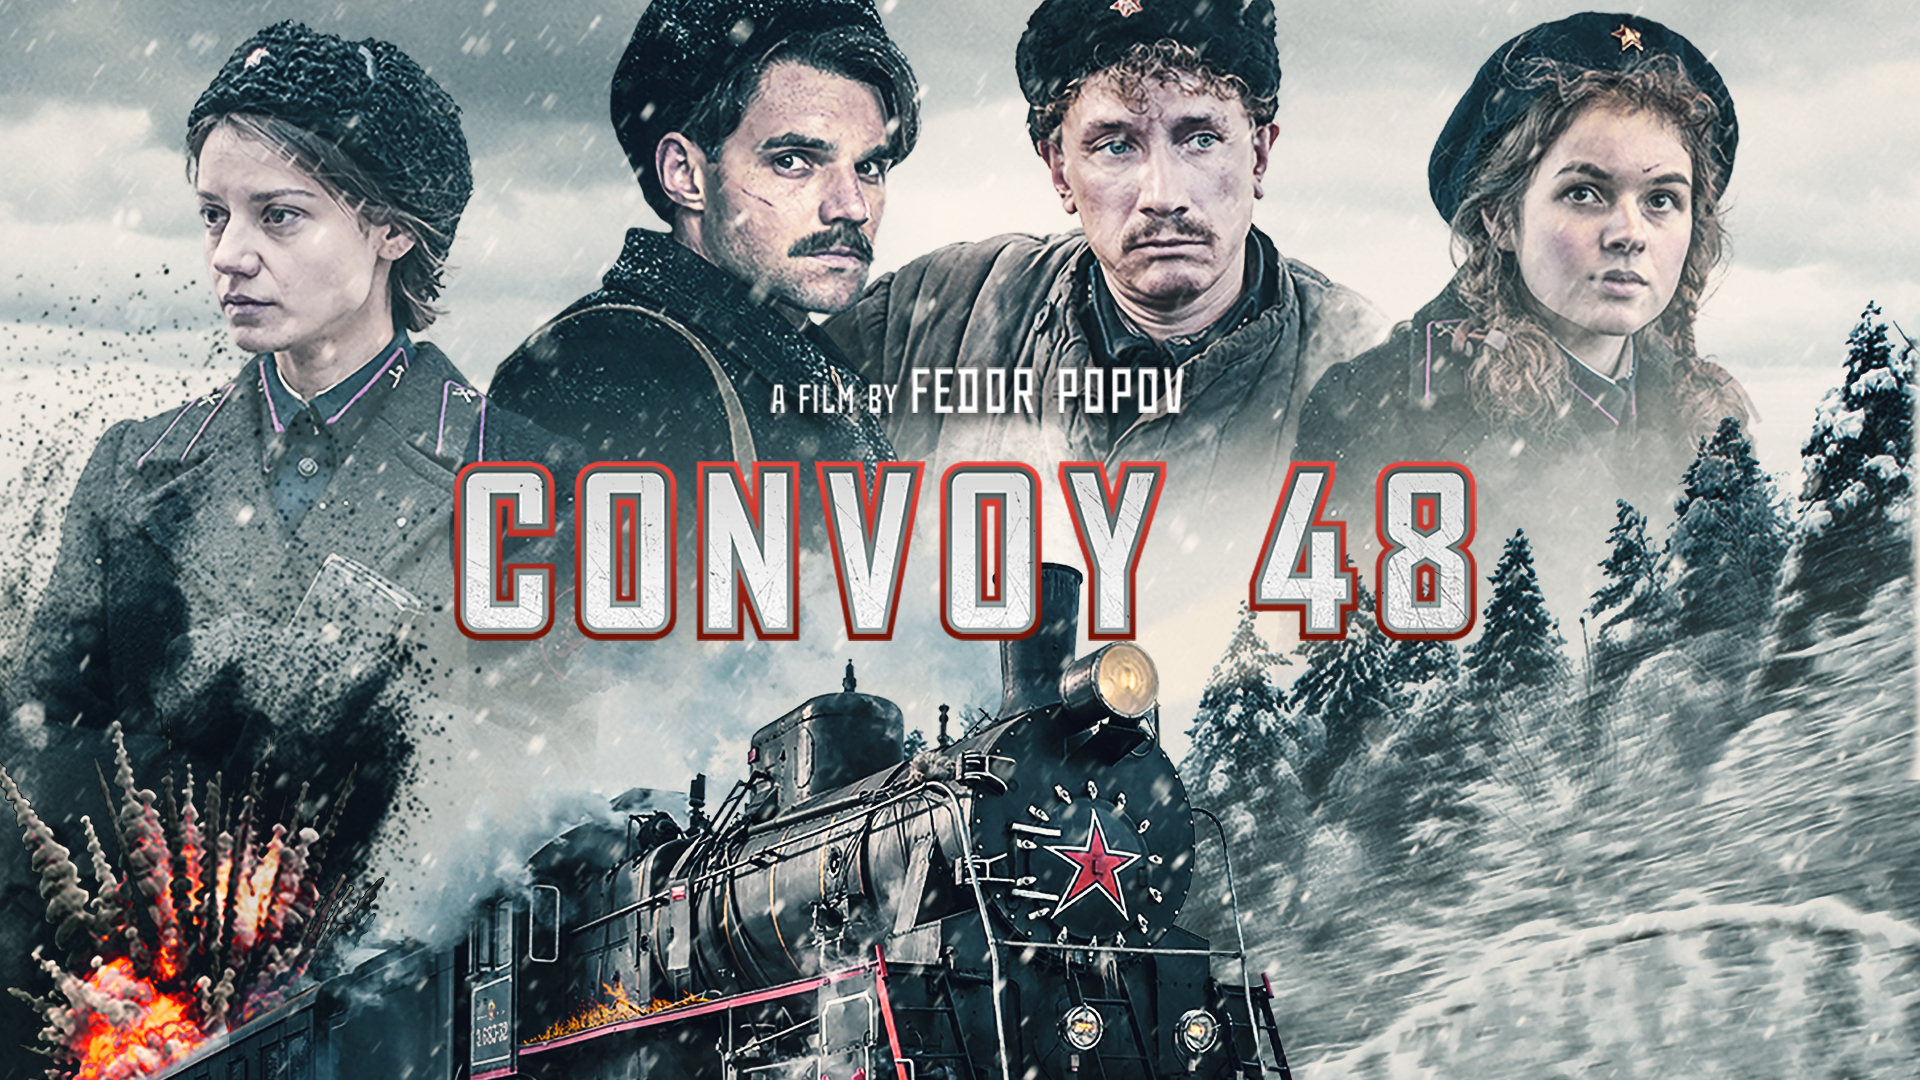 Convoy 48